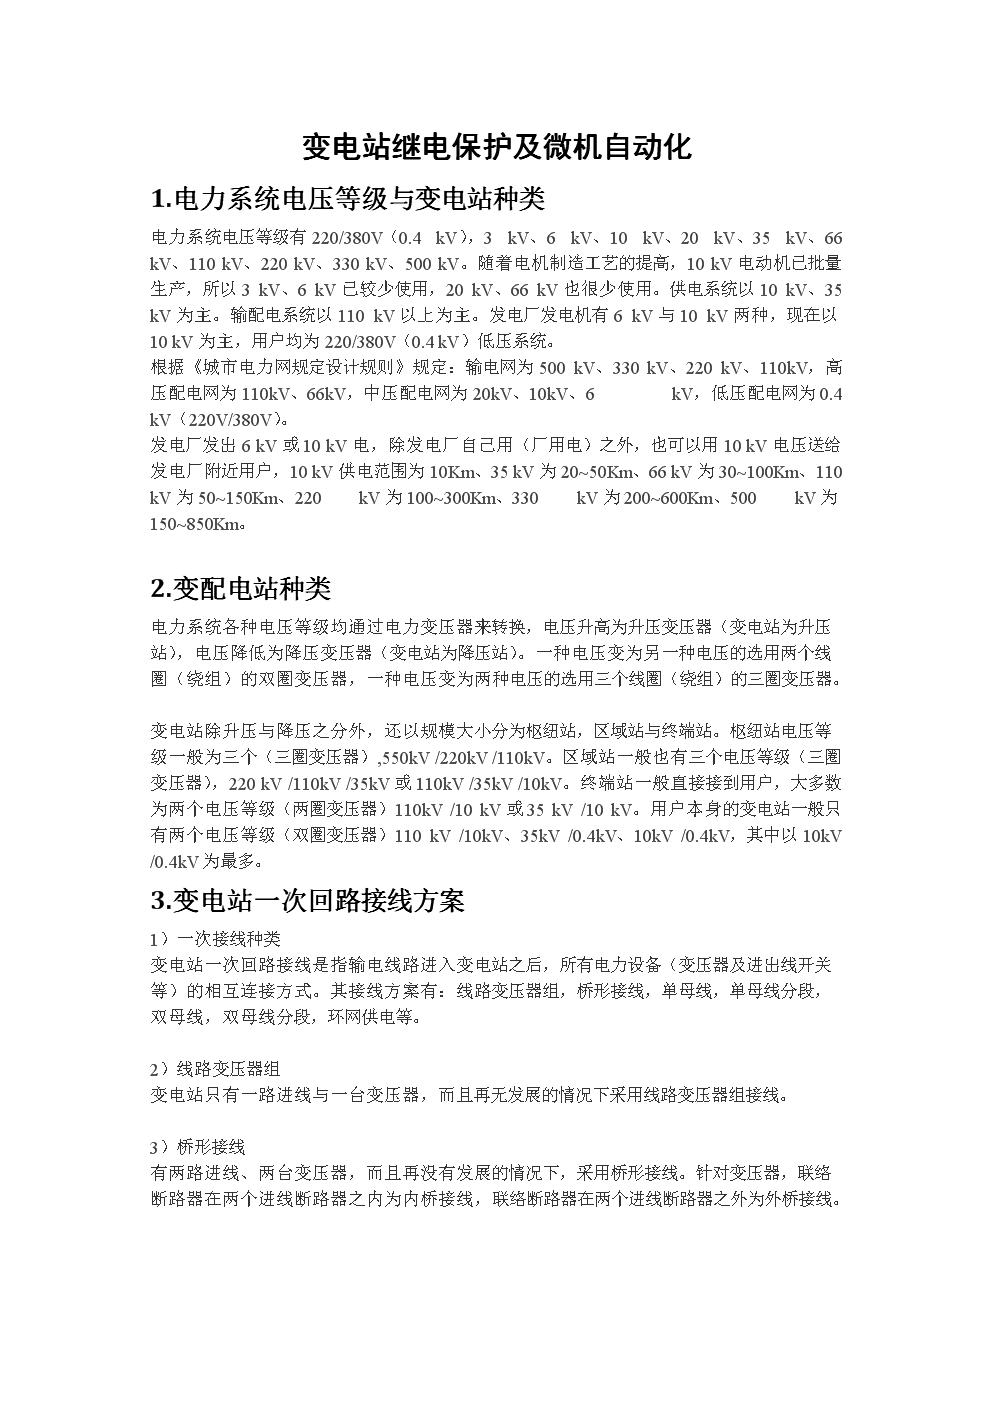 变电站继电保护及微机自动化基本知识.doc